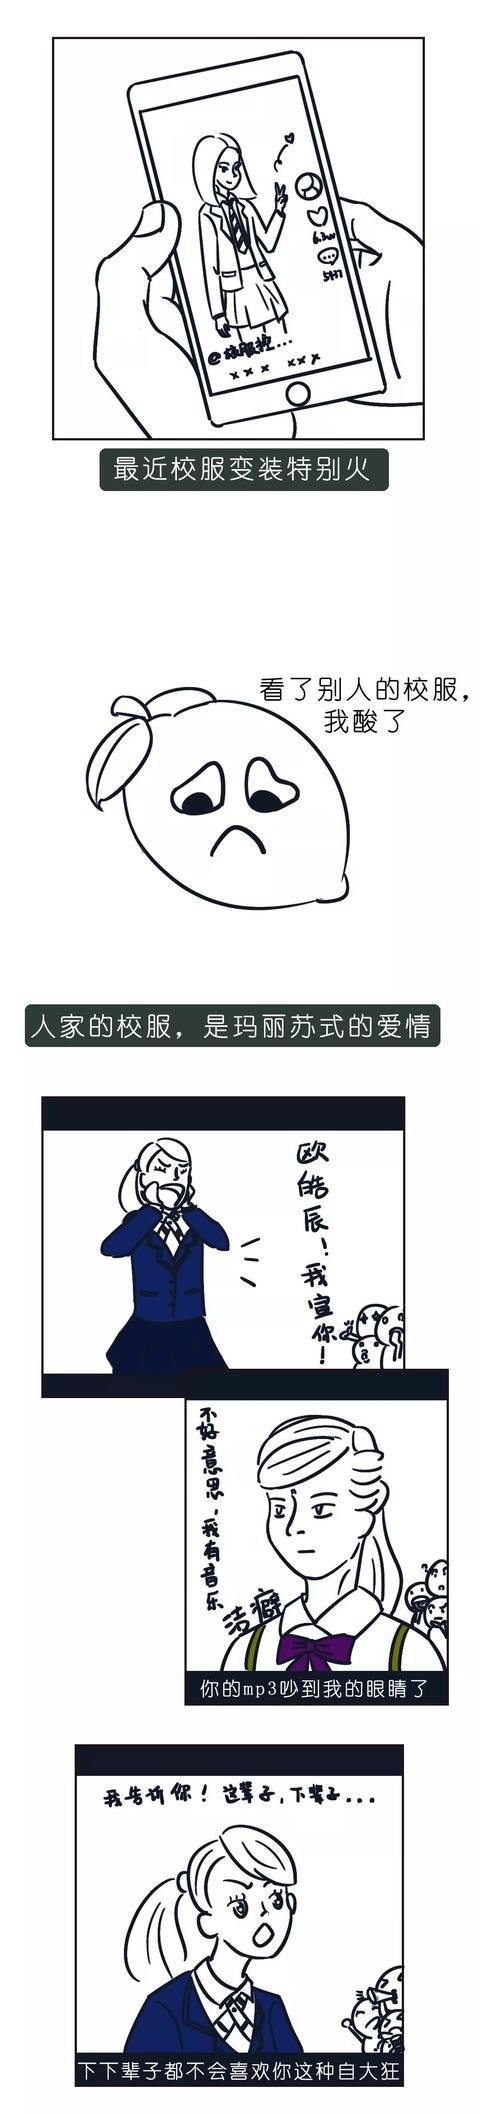 北京兒童校服